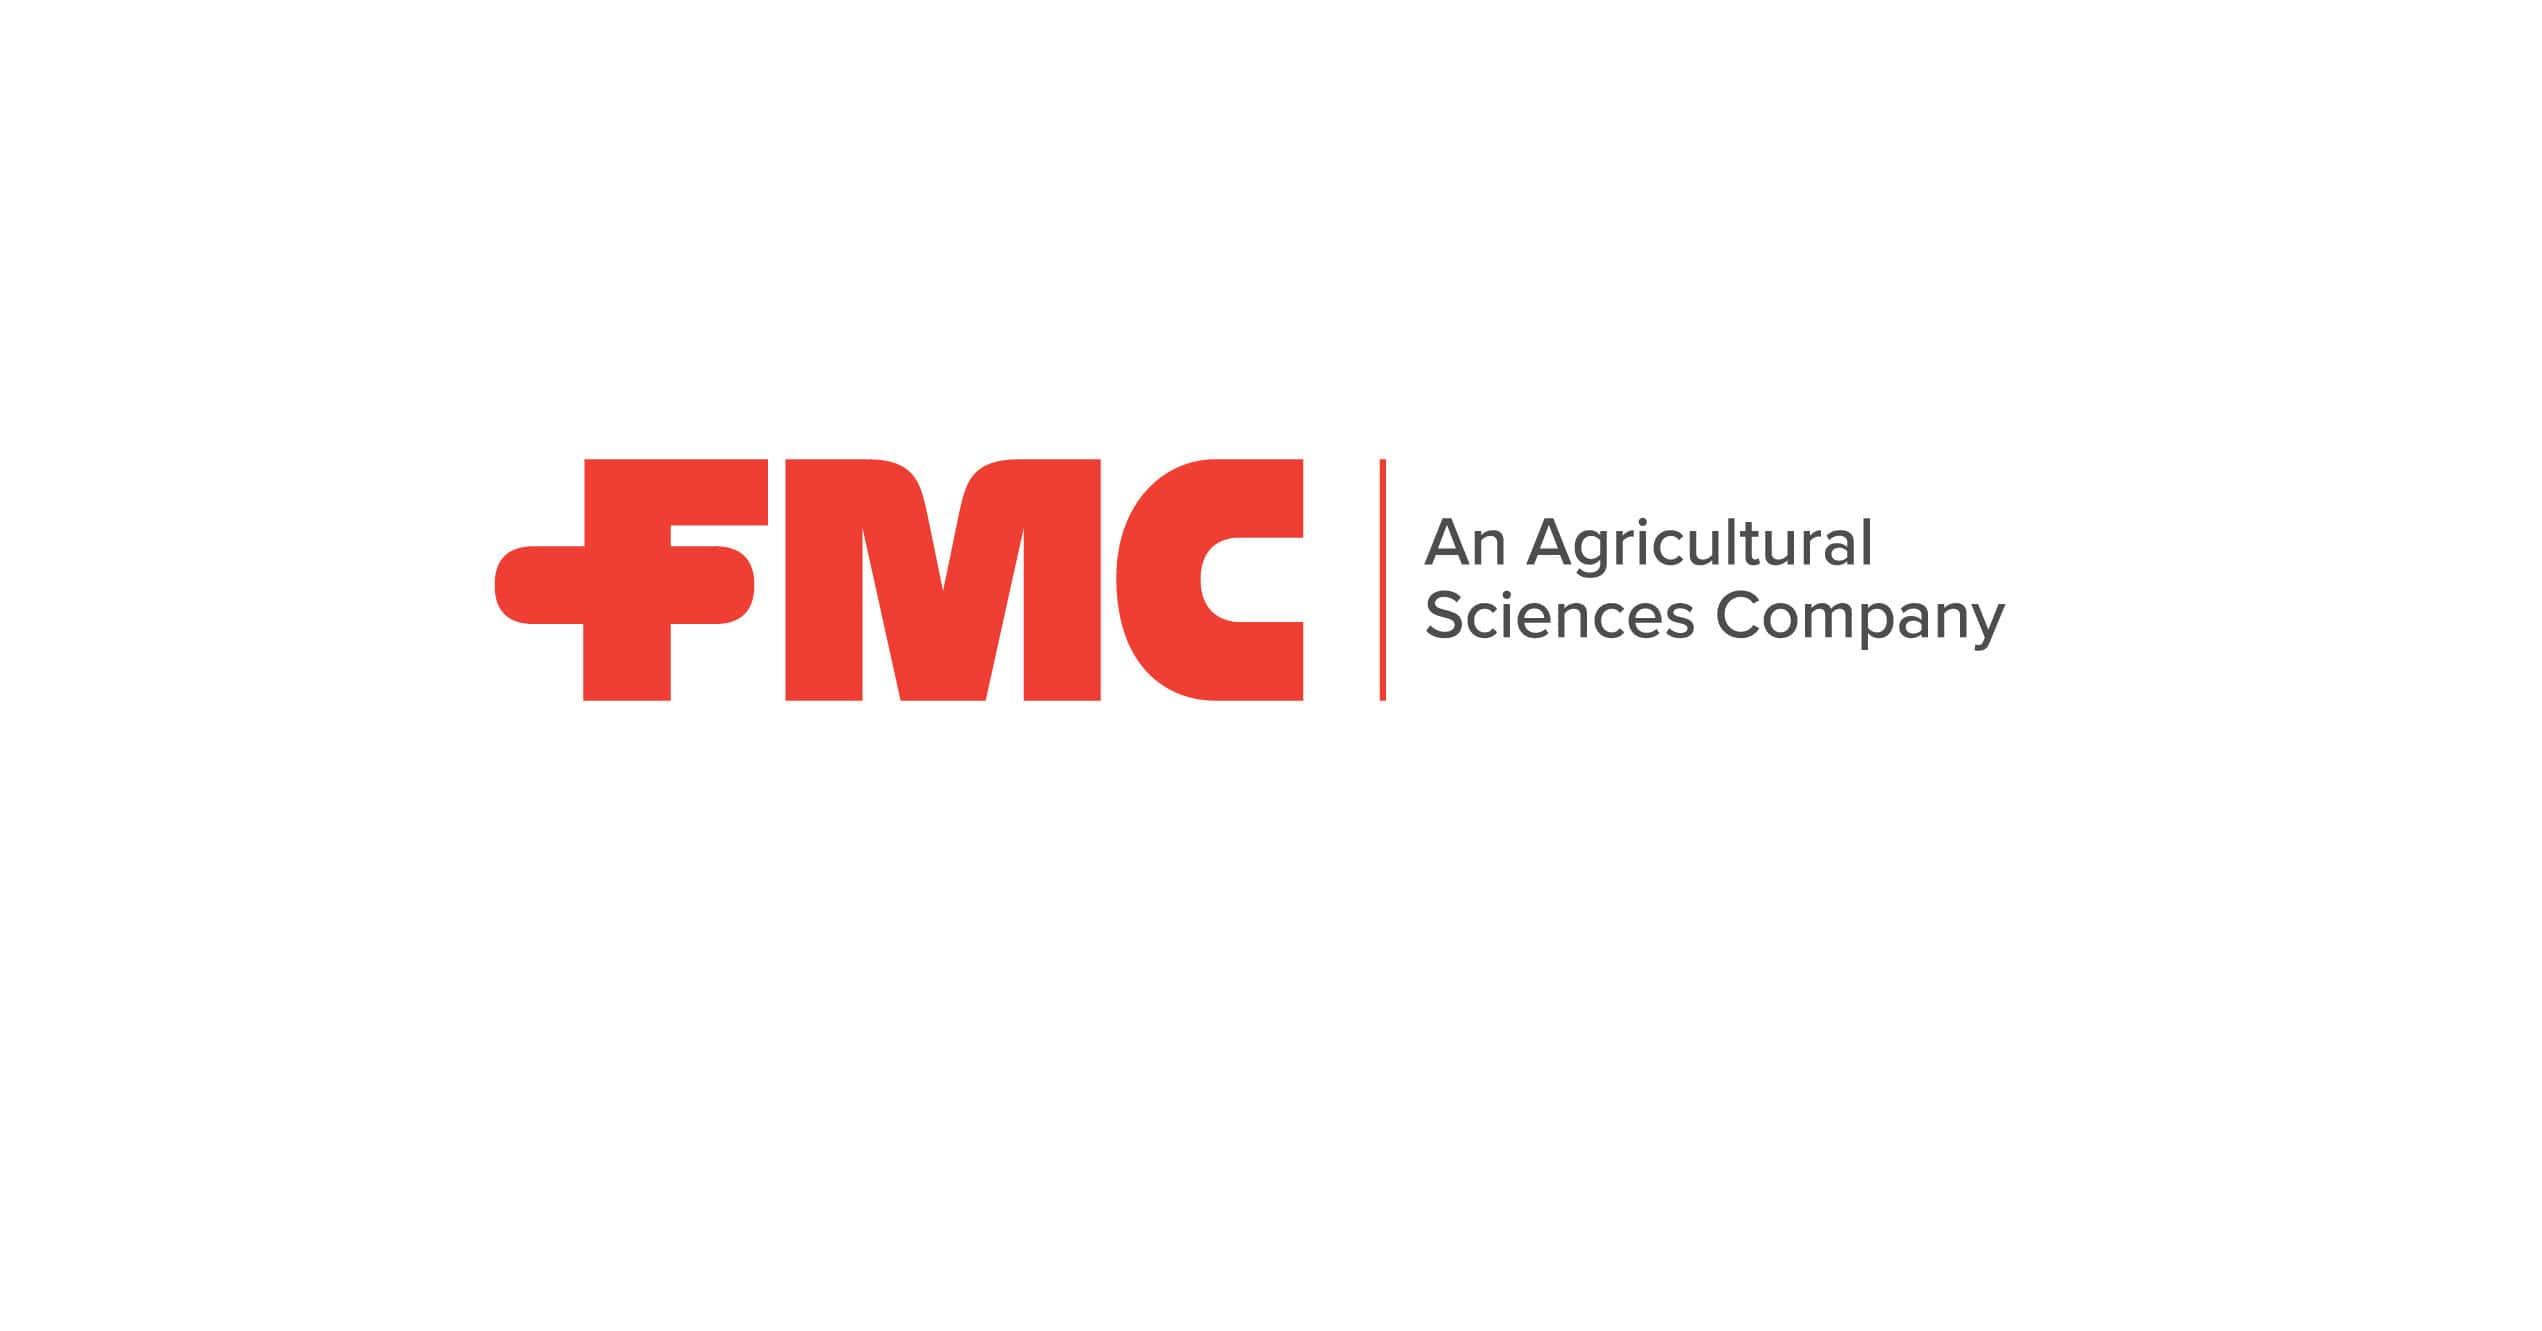 FMC Corporation, Agrow Ödülleri'nde, En İyi Ar-Ge Hattı ve En İyi Yeni Biyolojik Ürün kategorilerinde ödüllendirildi.